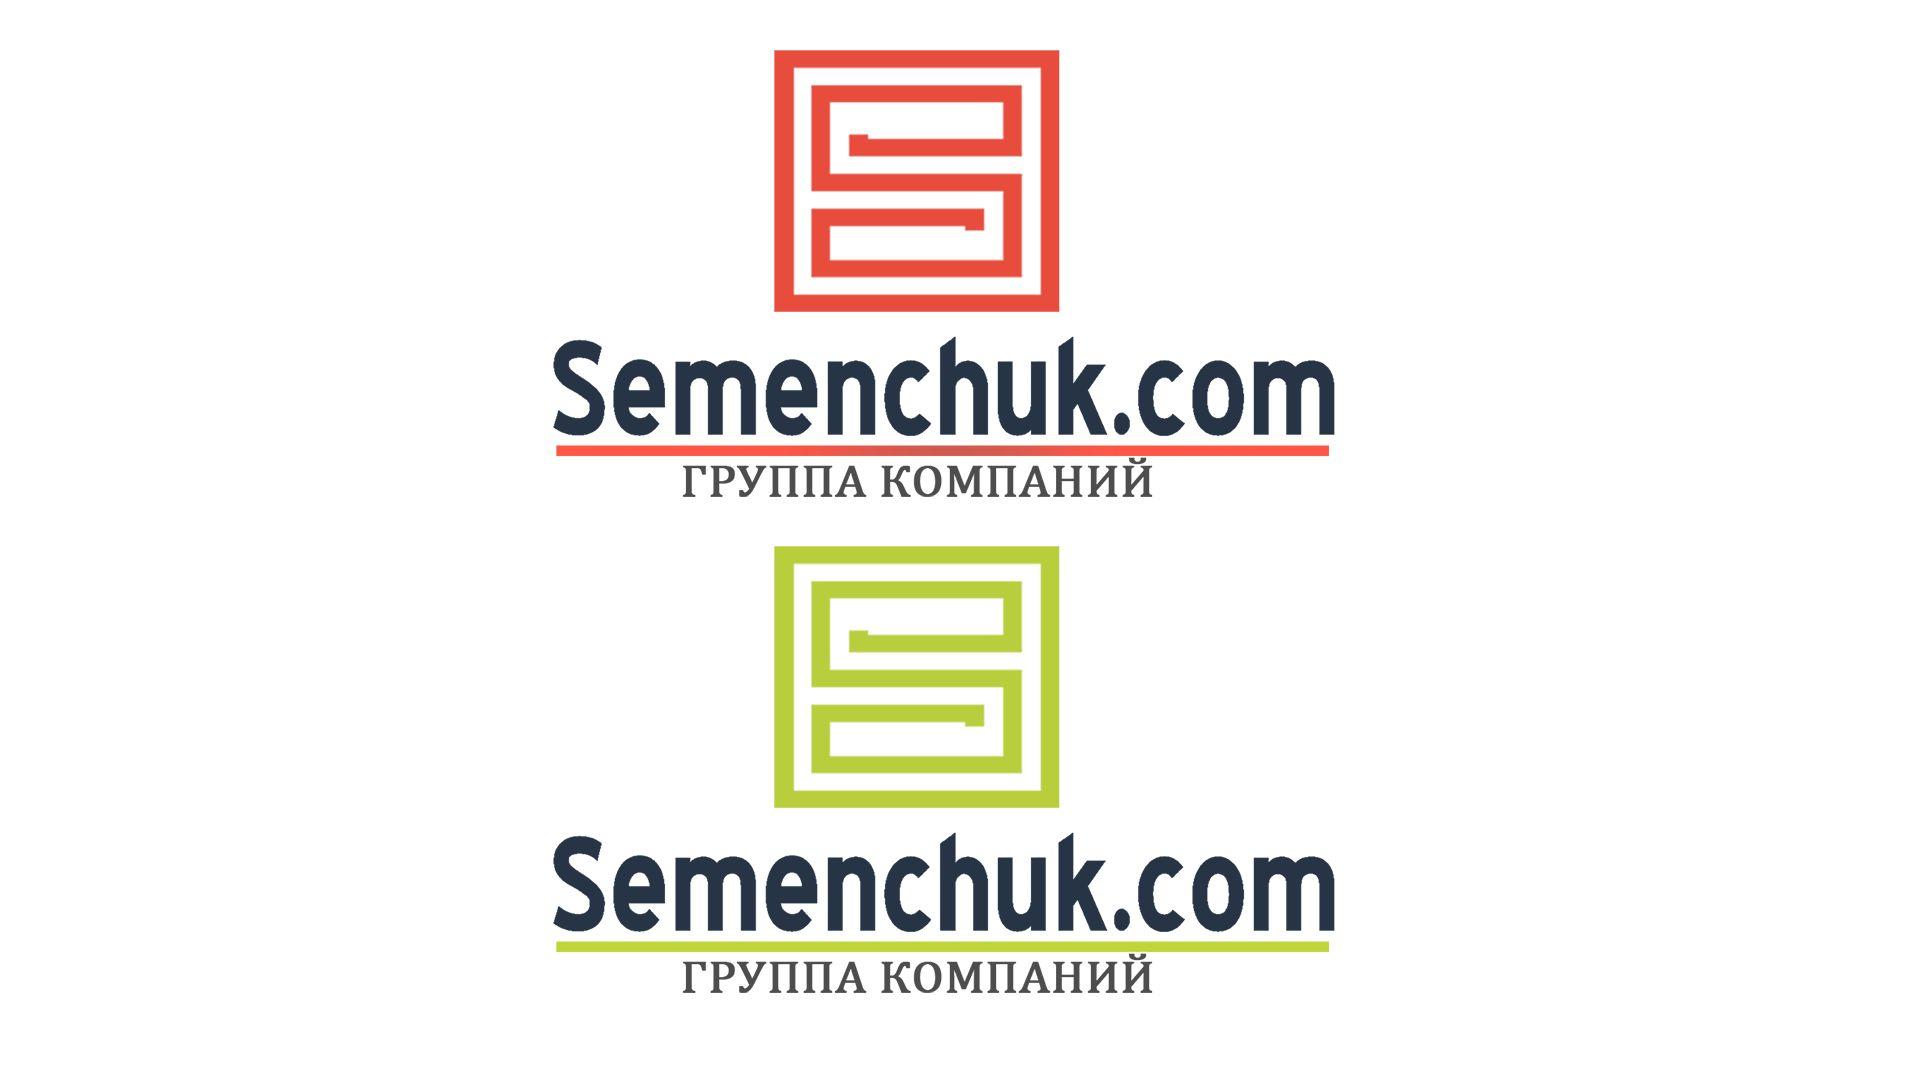 Логотип группы компаний SEMENCHUK - дизайнер RayGamesThe